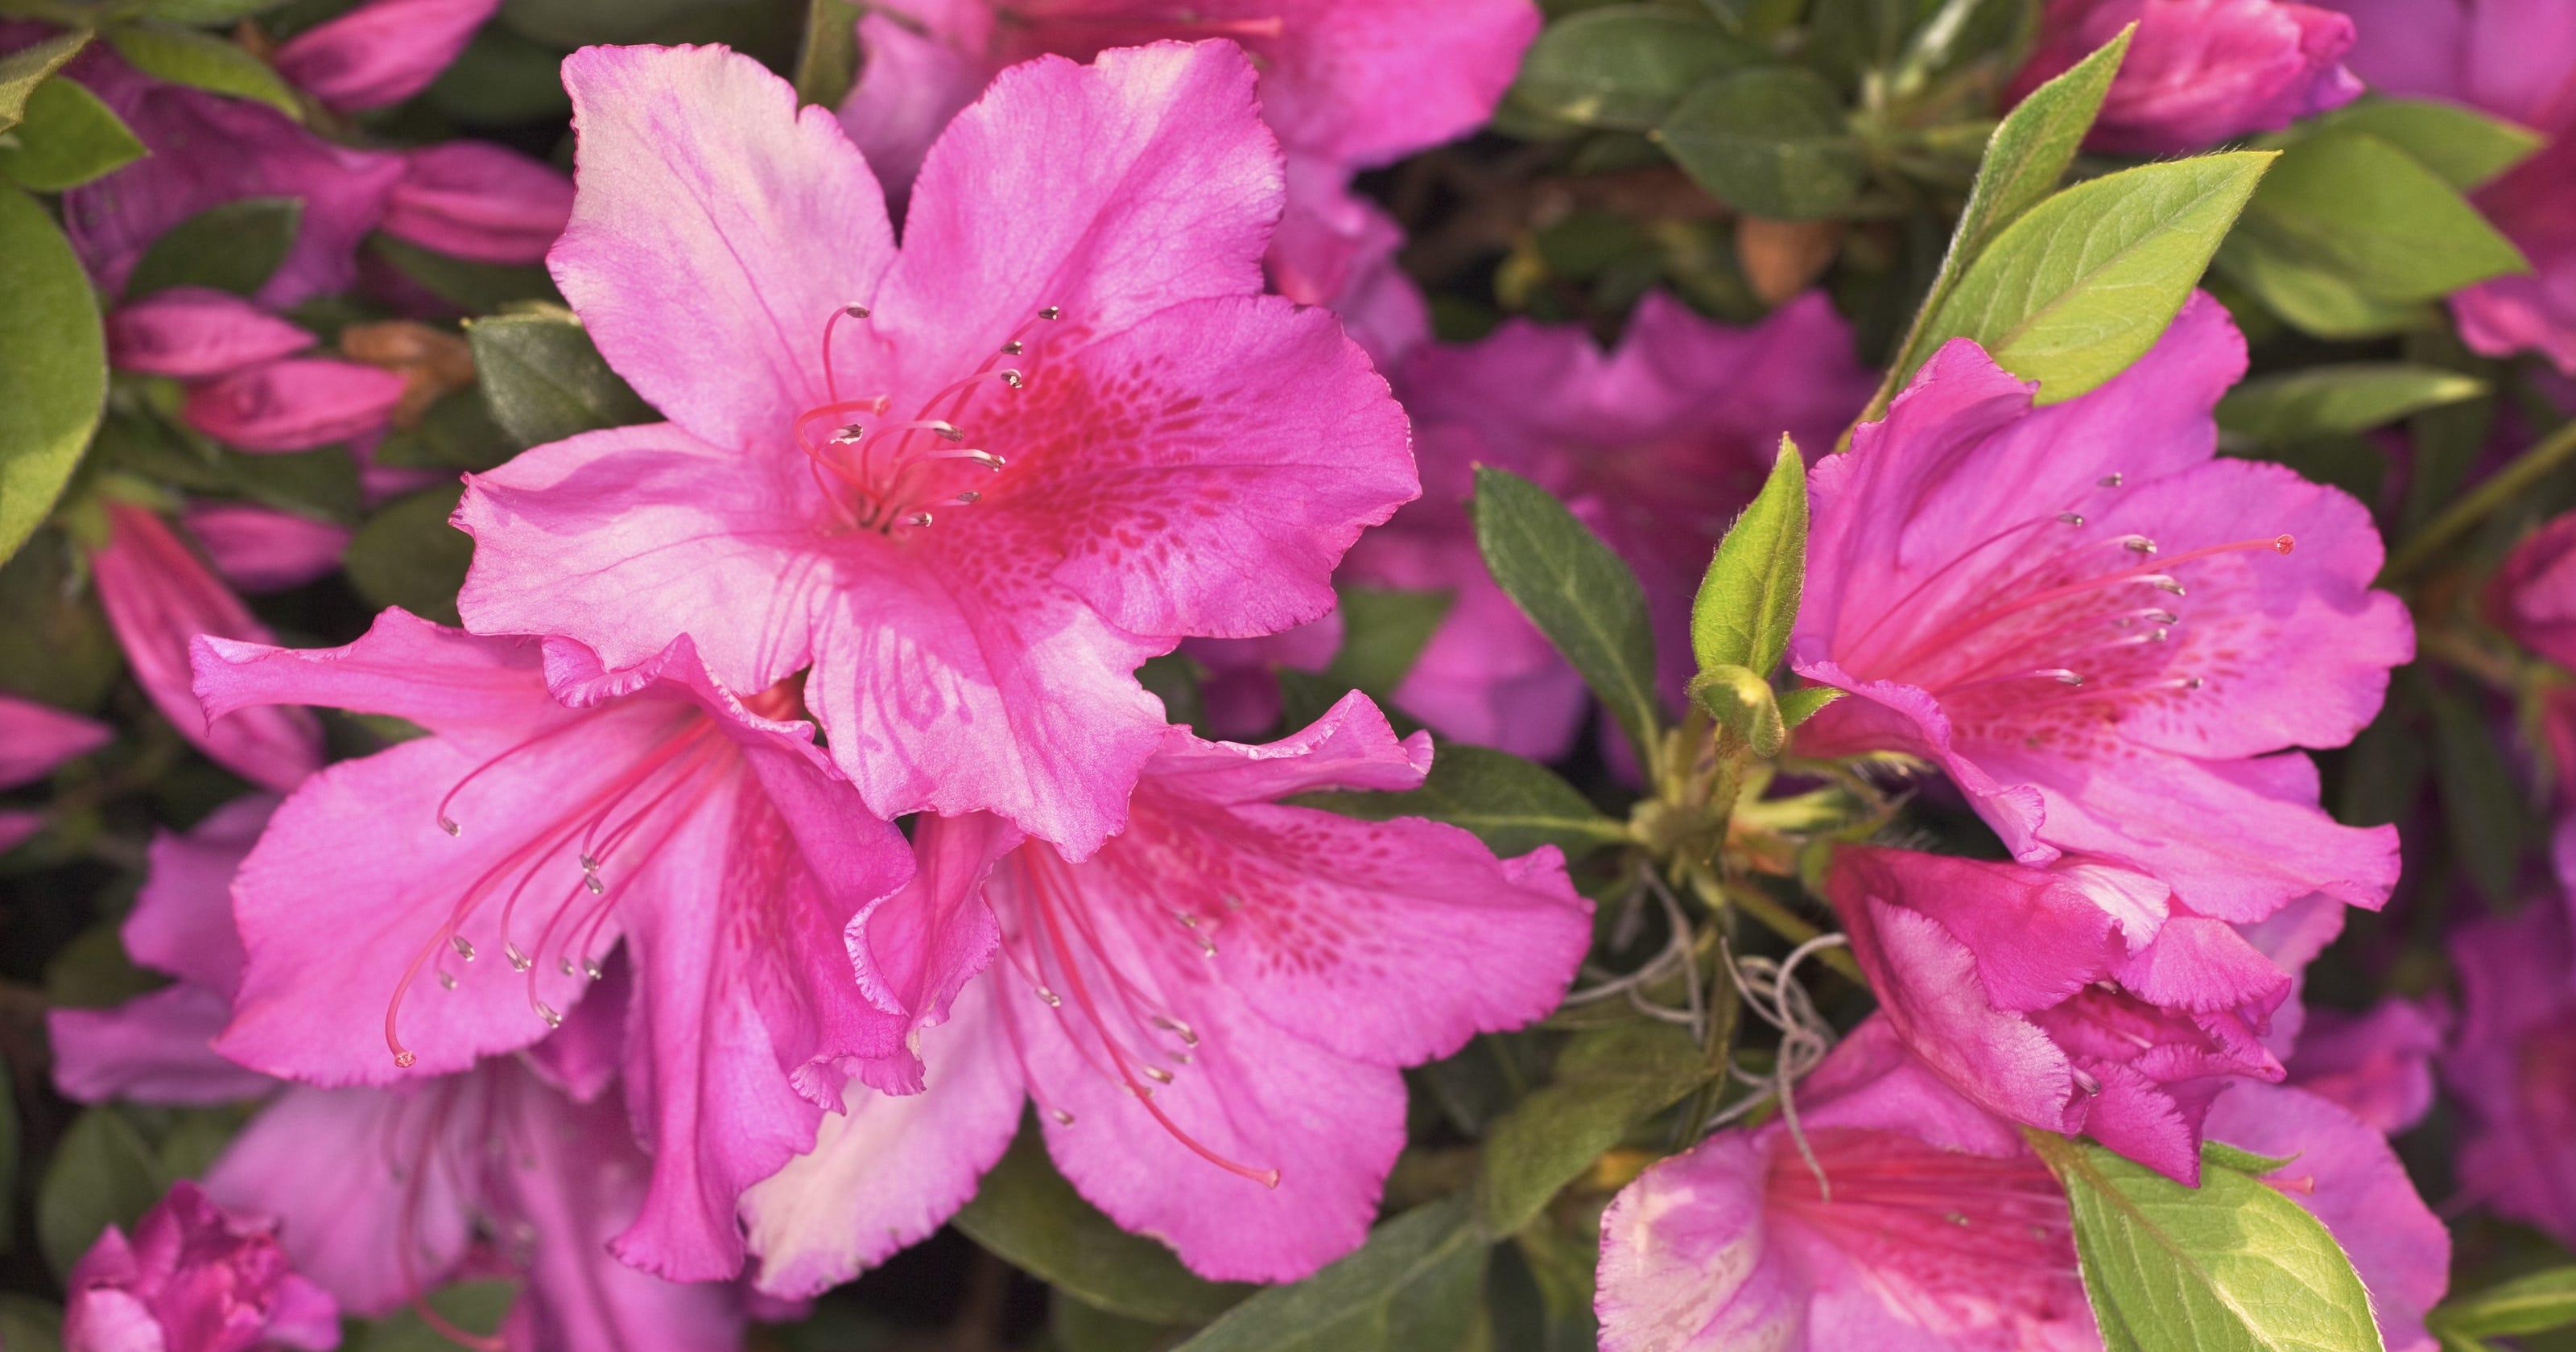 Late Spring Flowering Azaleas At Their Peak